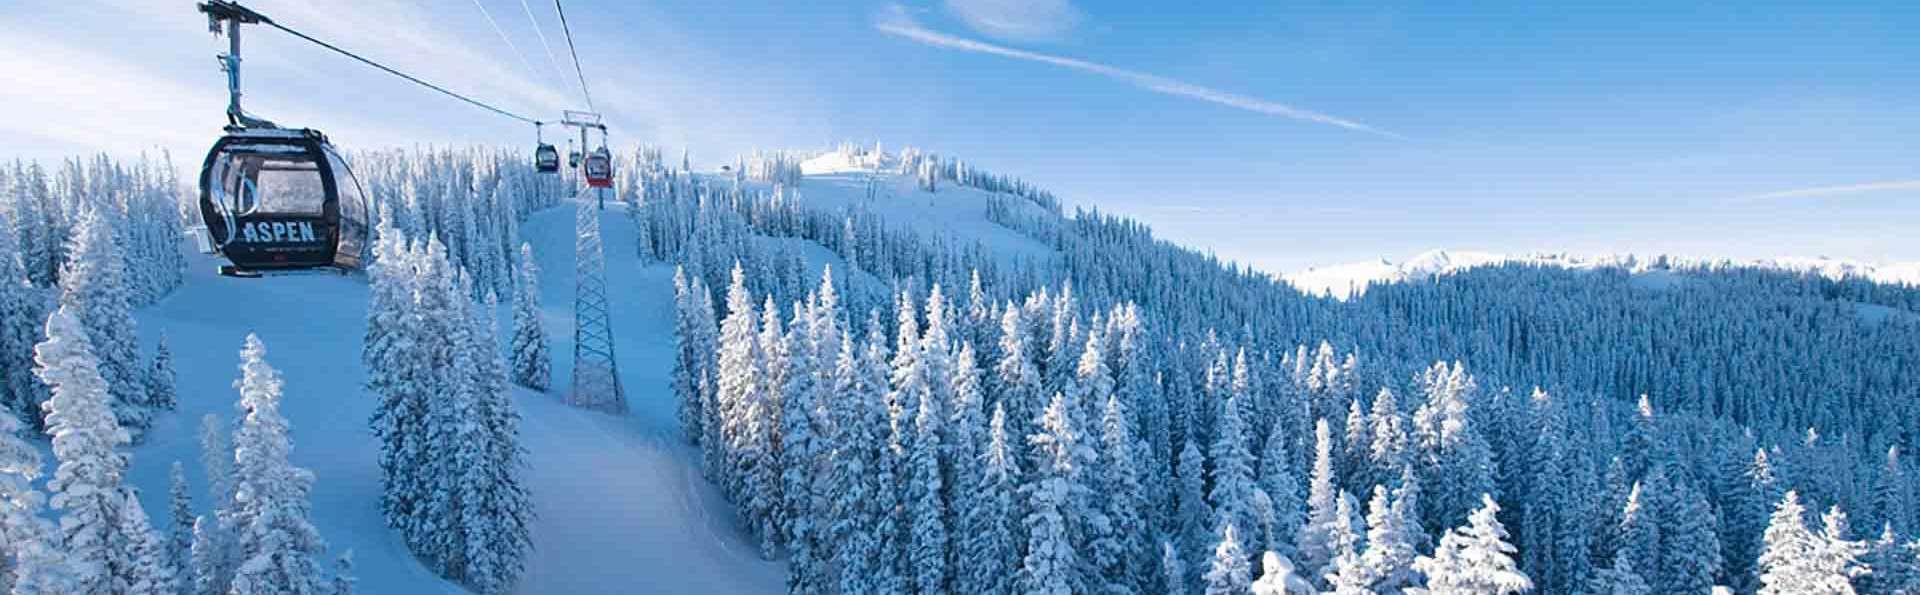 Spécial ski : sport et détente dans un environnement unique